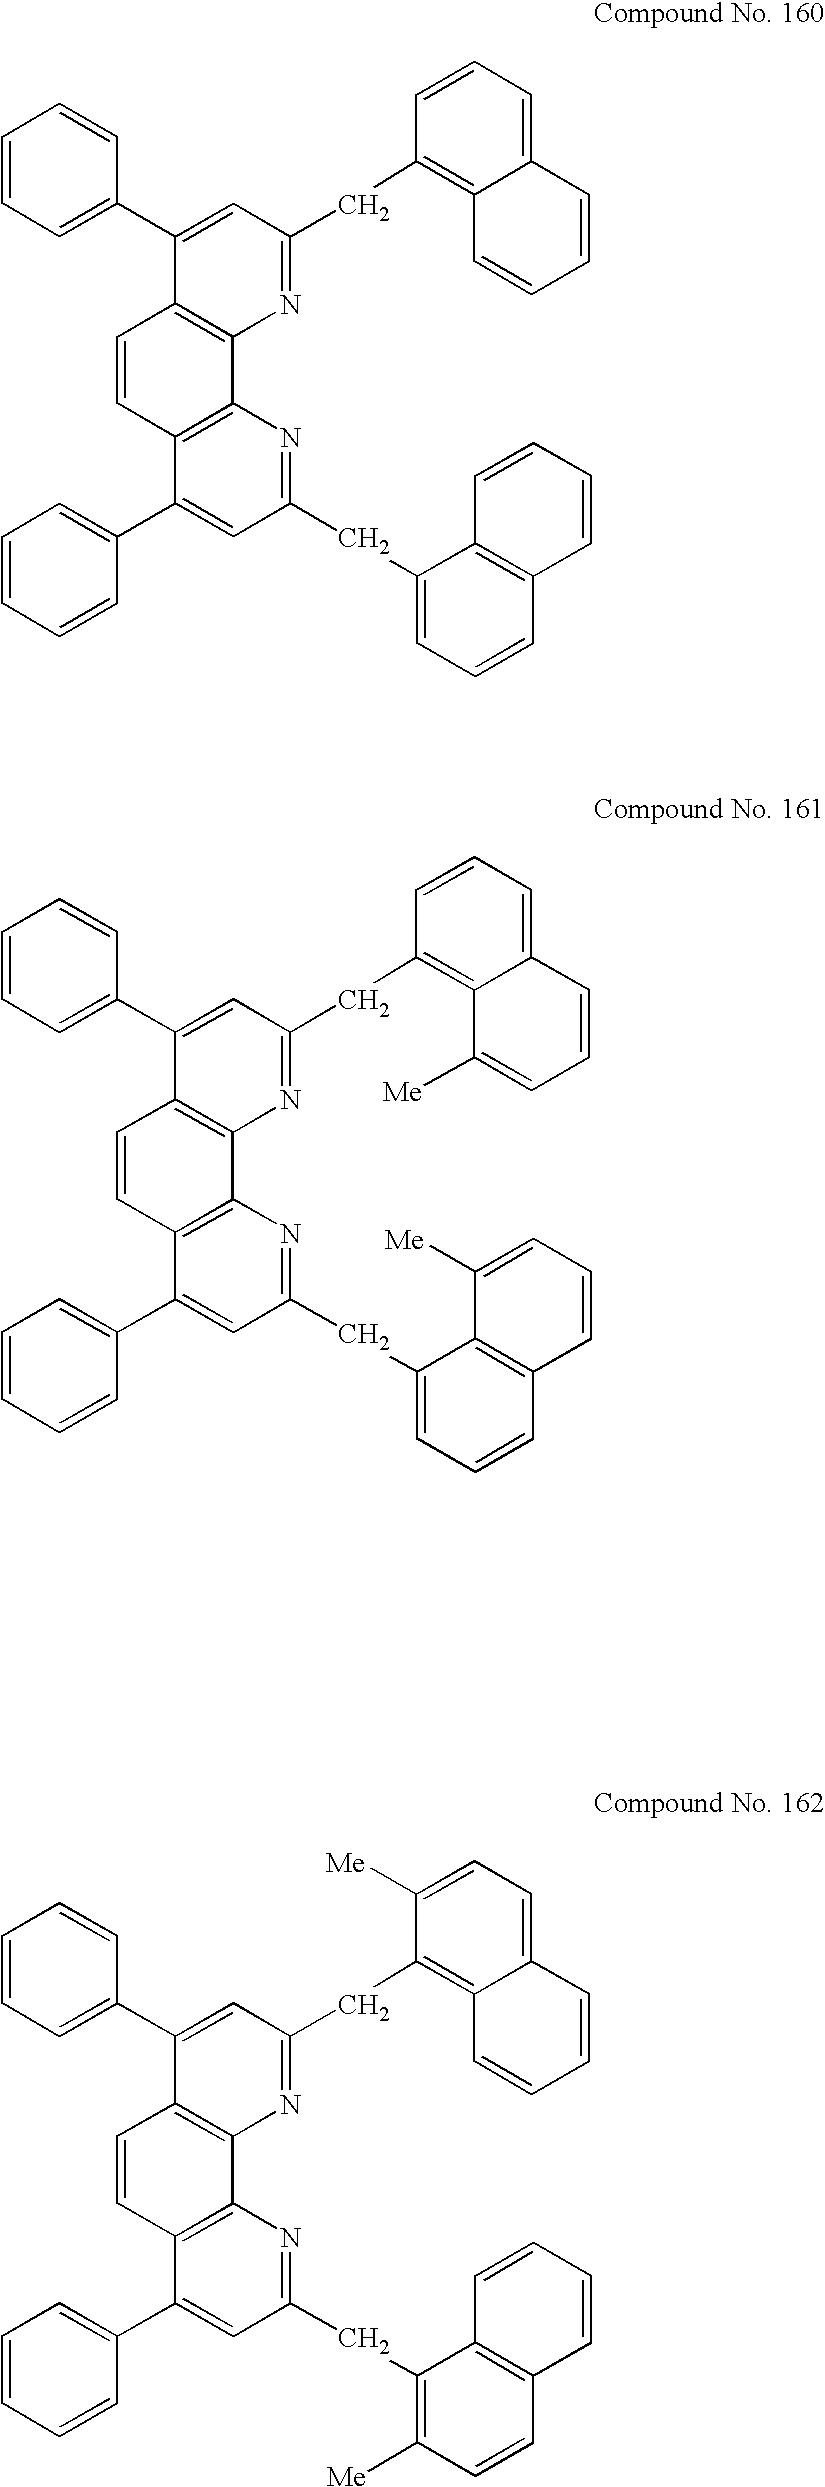 Figure US20050073641A1-20050407-C00052